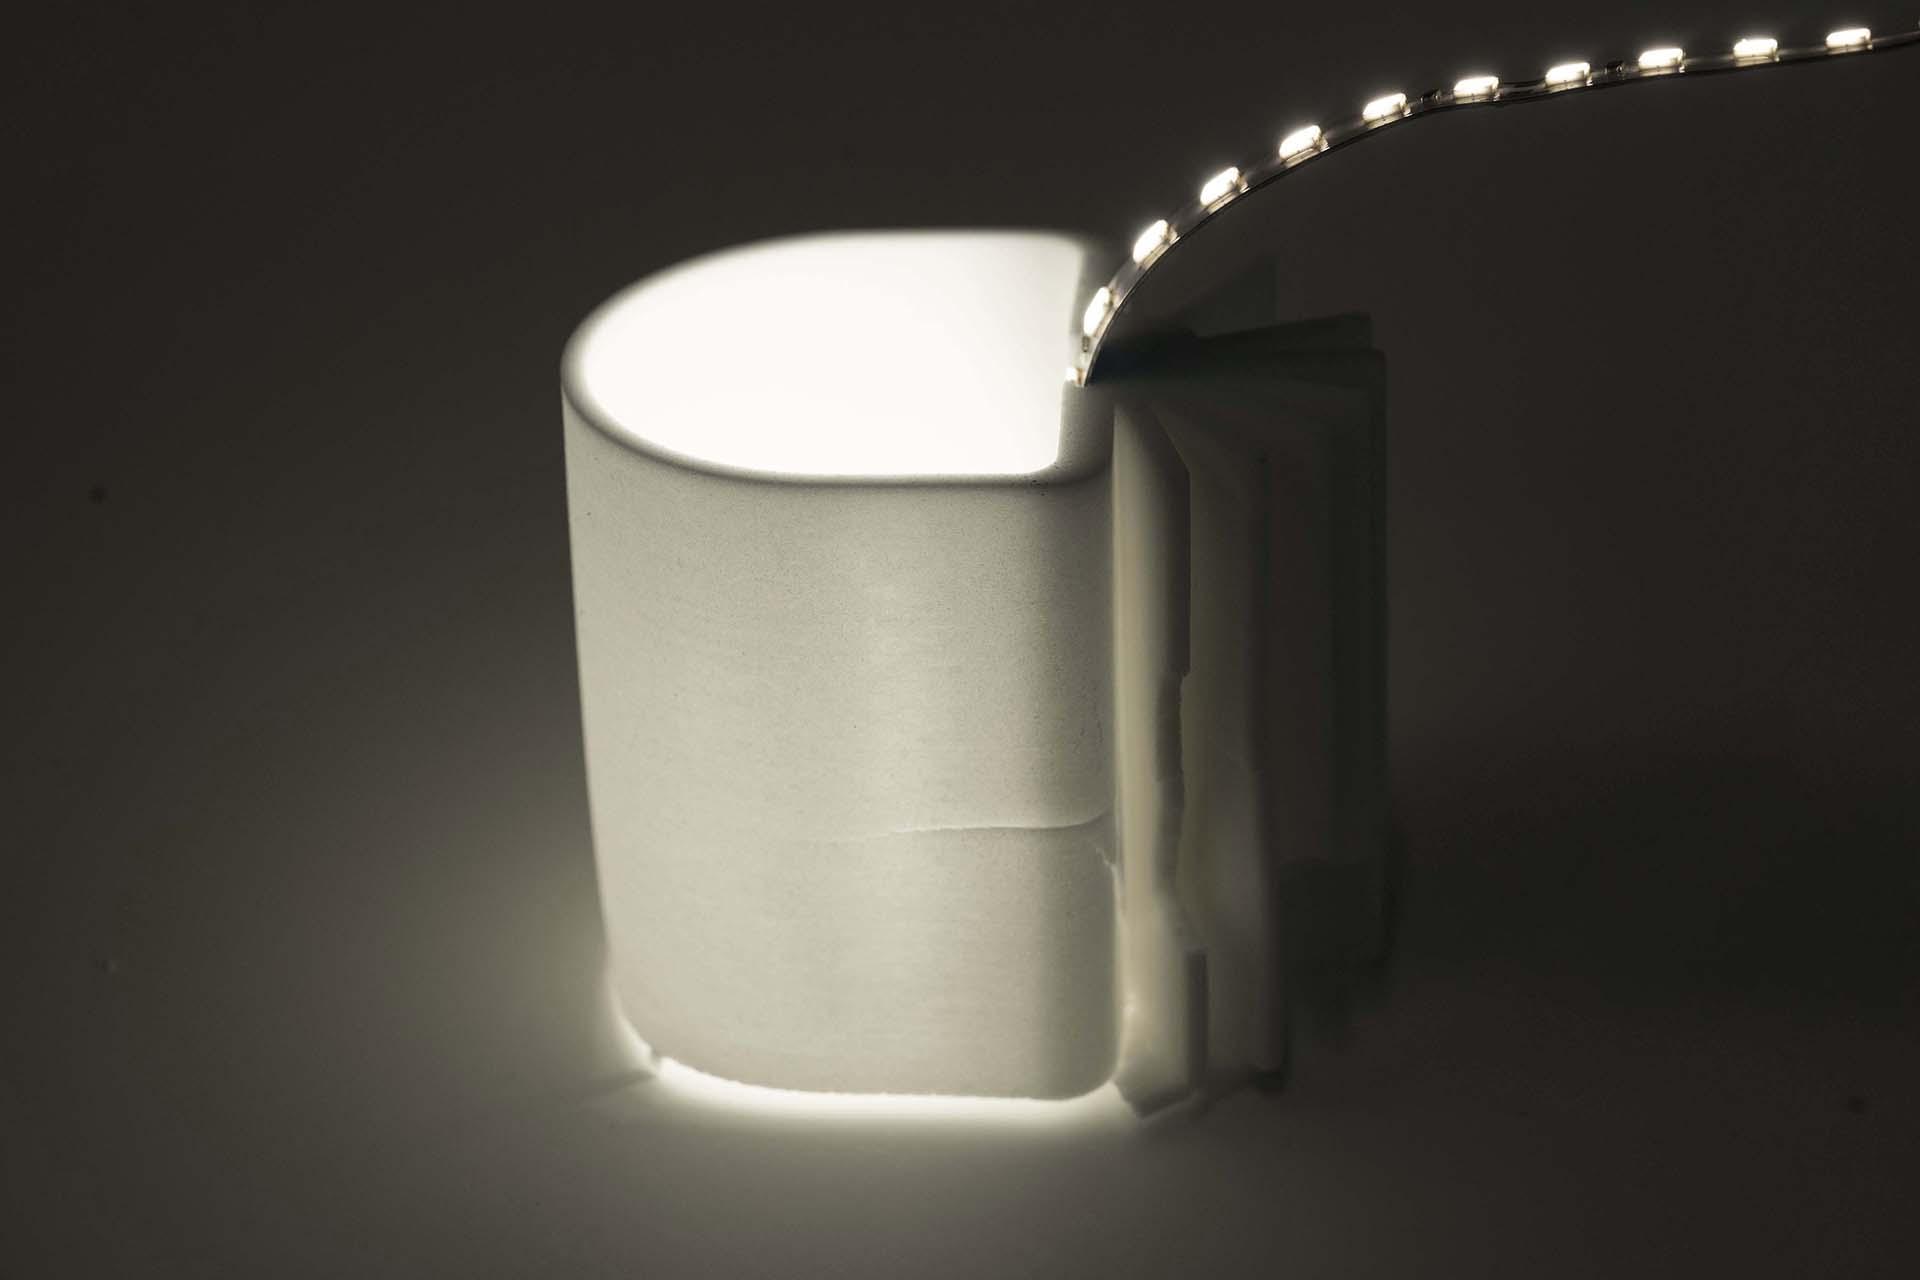 Gebrannter Kühlkörper mit innenliegender LED, hinterleuchtet, Ansicht seitlich